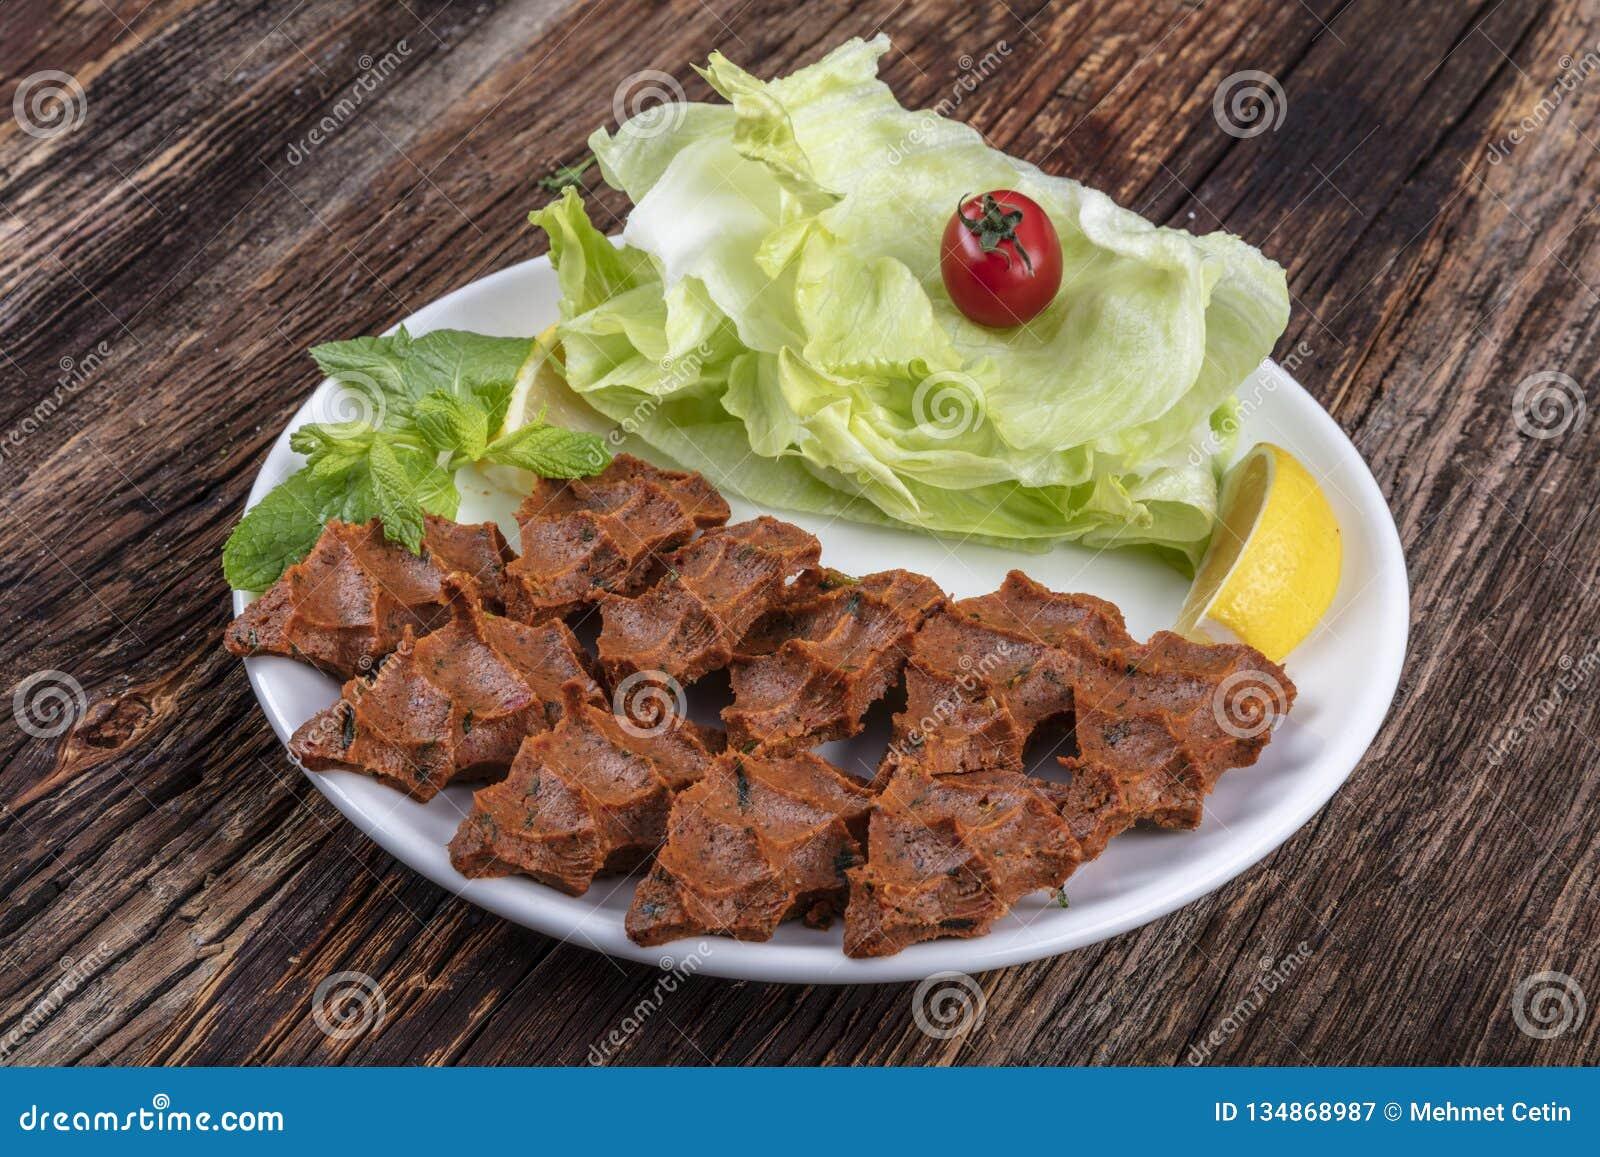 Cigkofte, en rå kötträtt i turkiska och armeniska kokkonster E